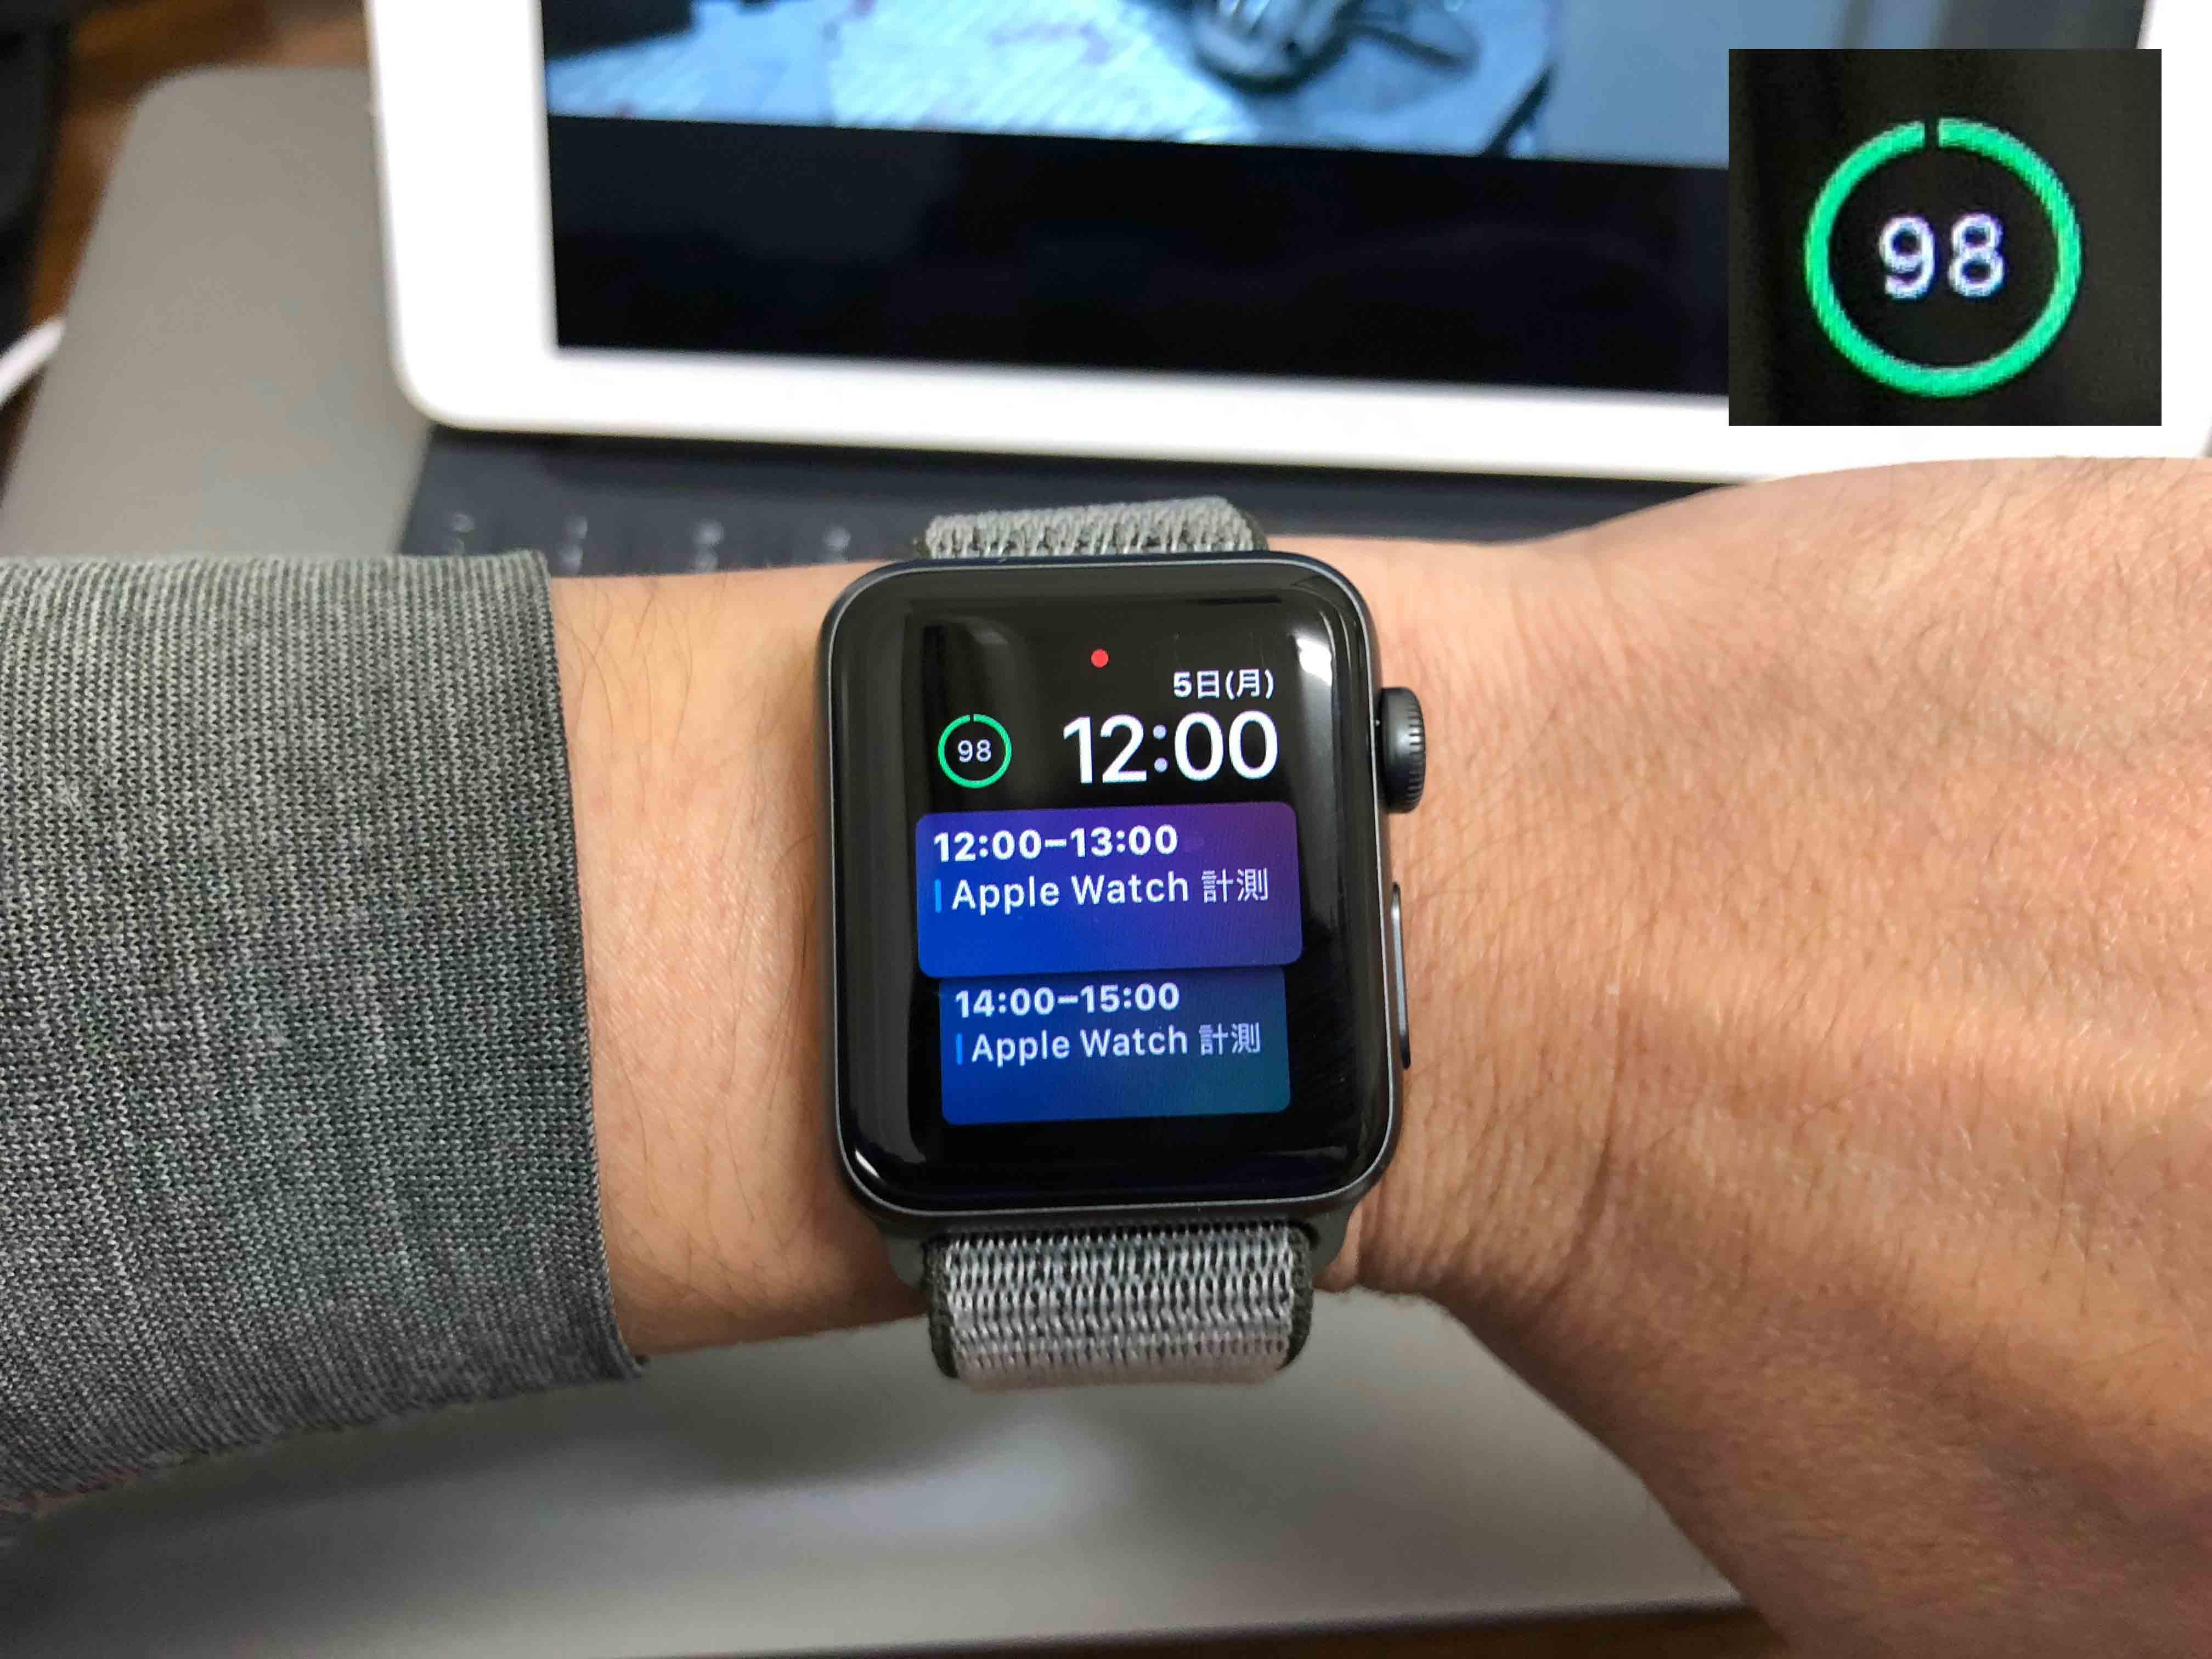 AppleWatchバッテリー98%に関する写真.